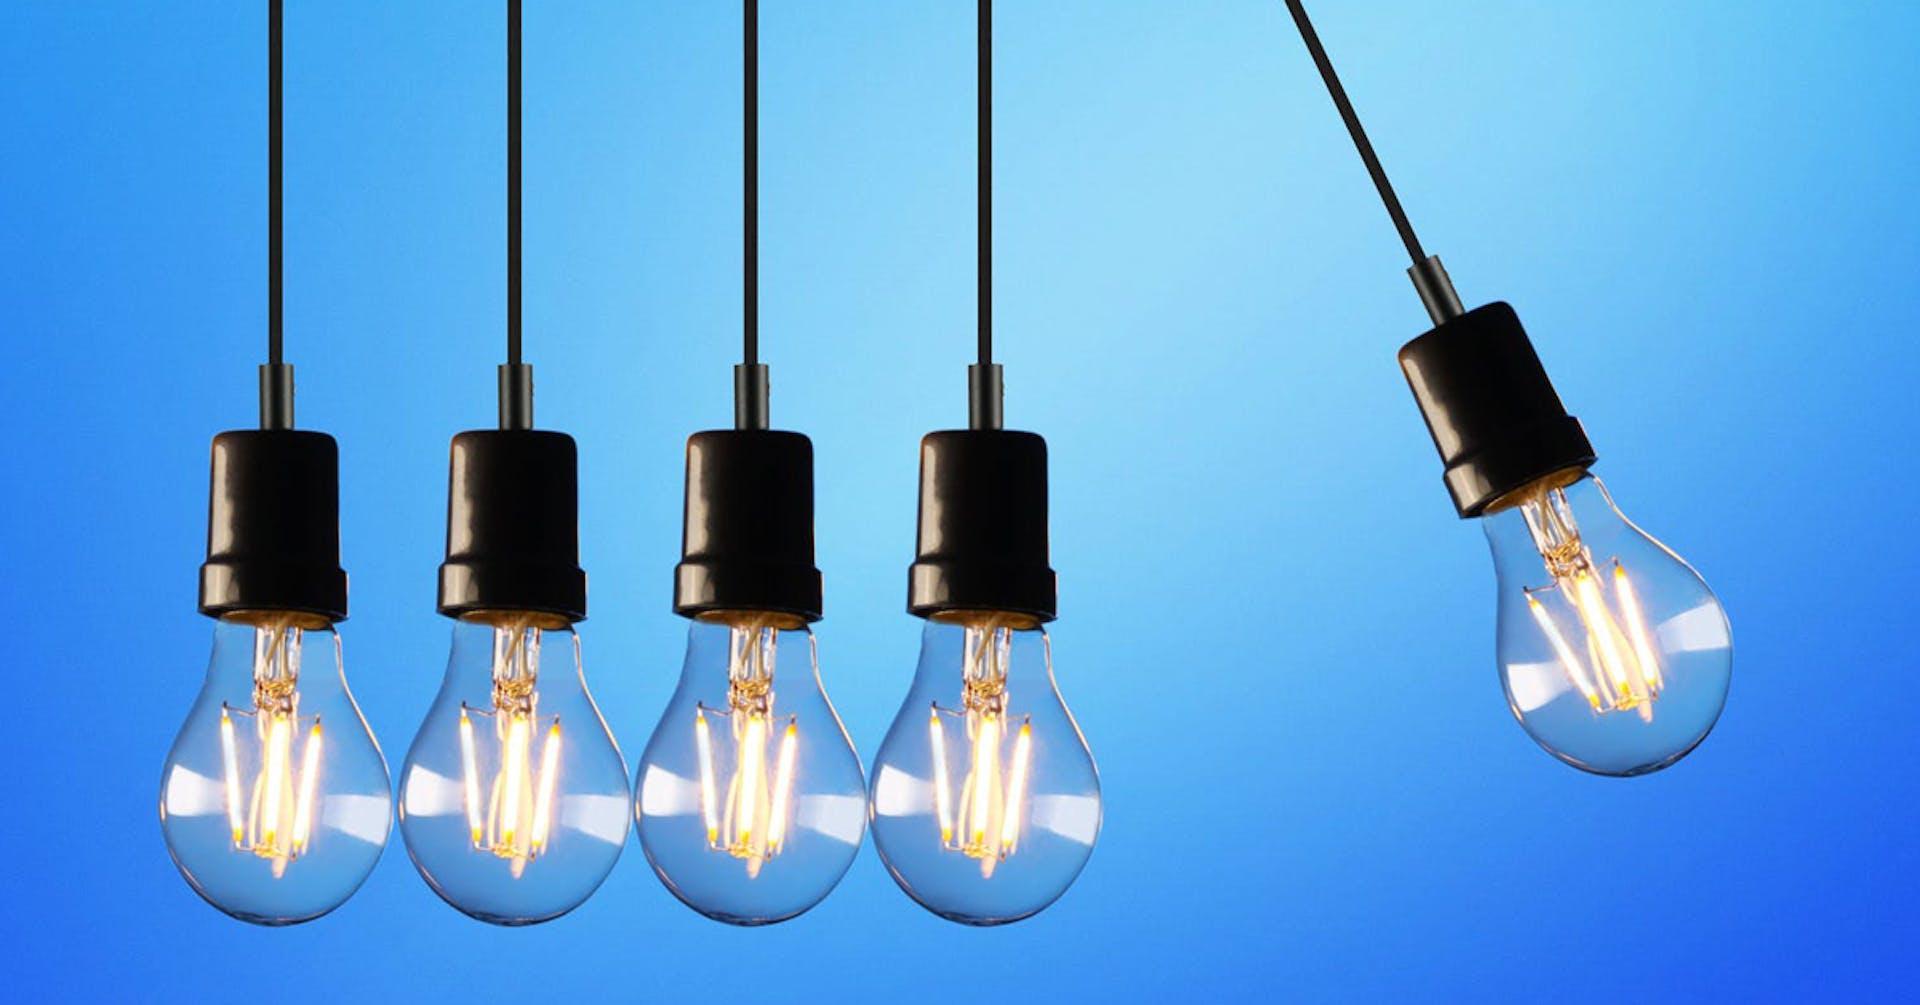 Las 5 diferencias entre creatividad e innovación que tienes que conocer